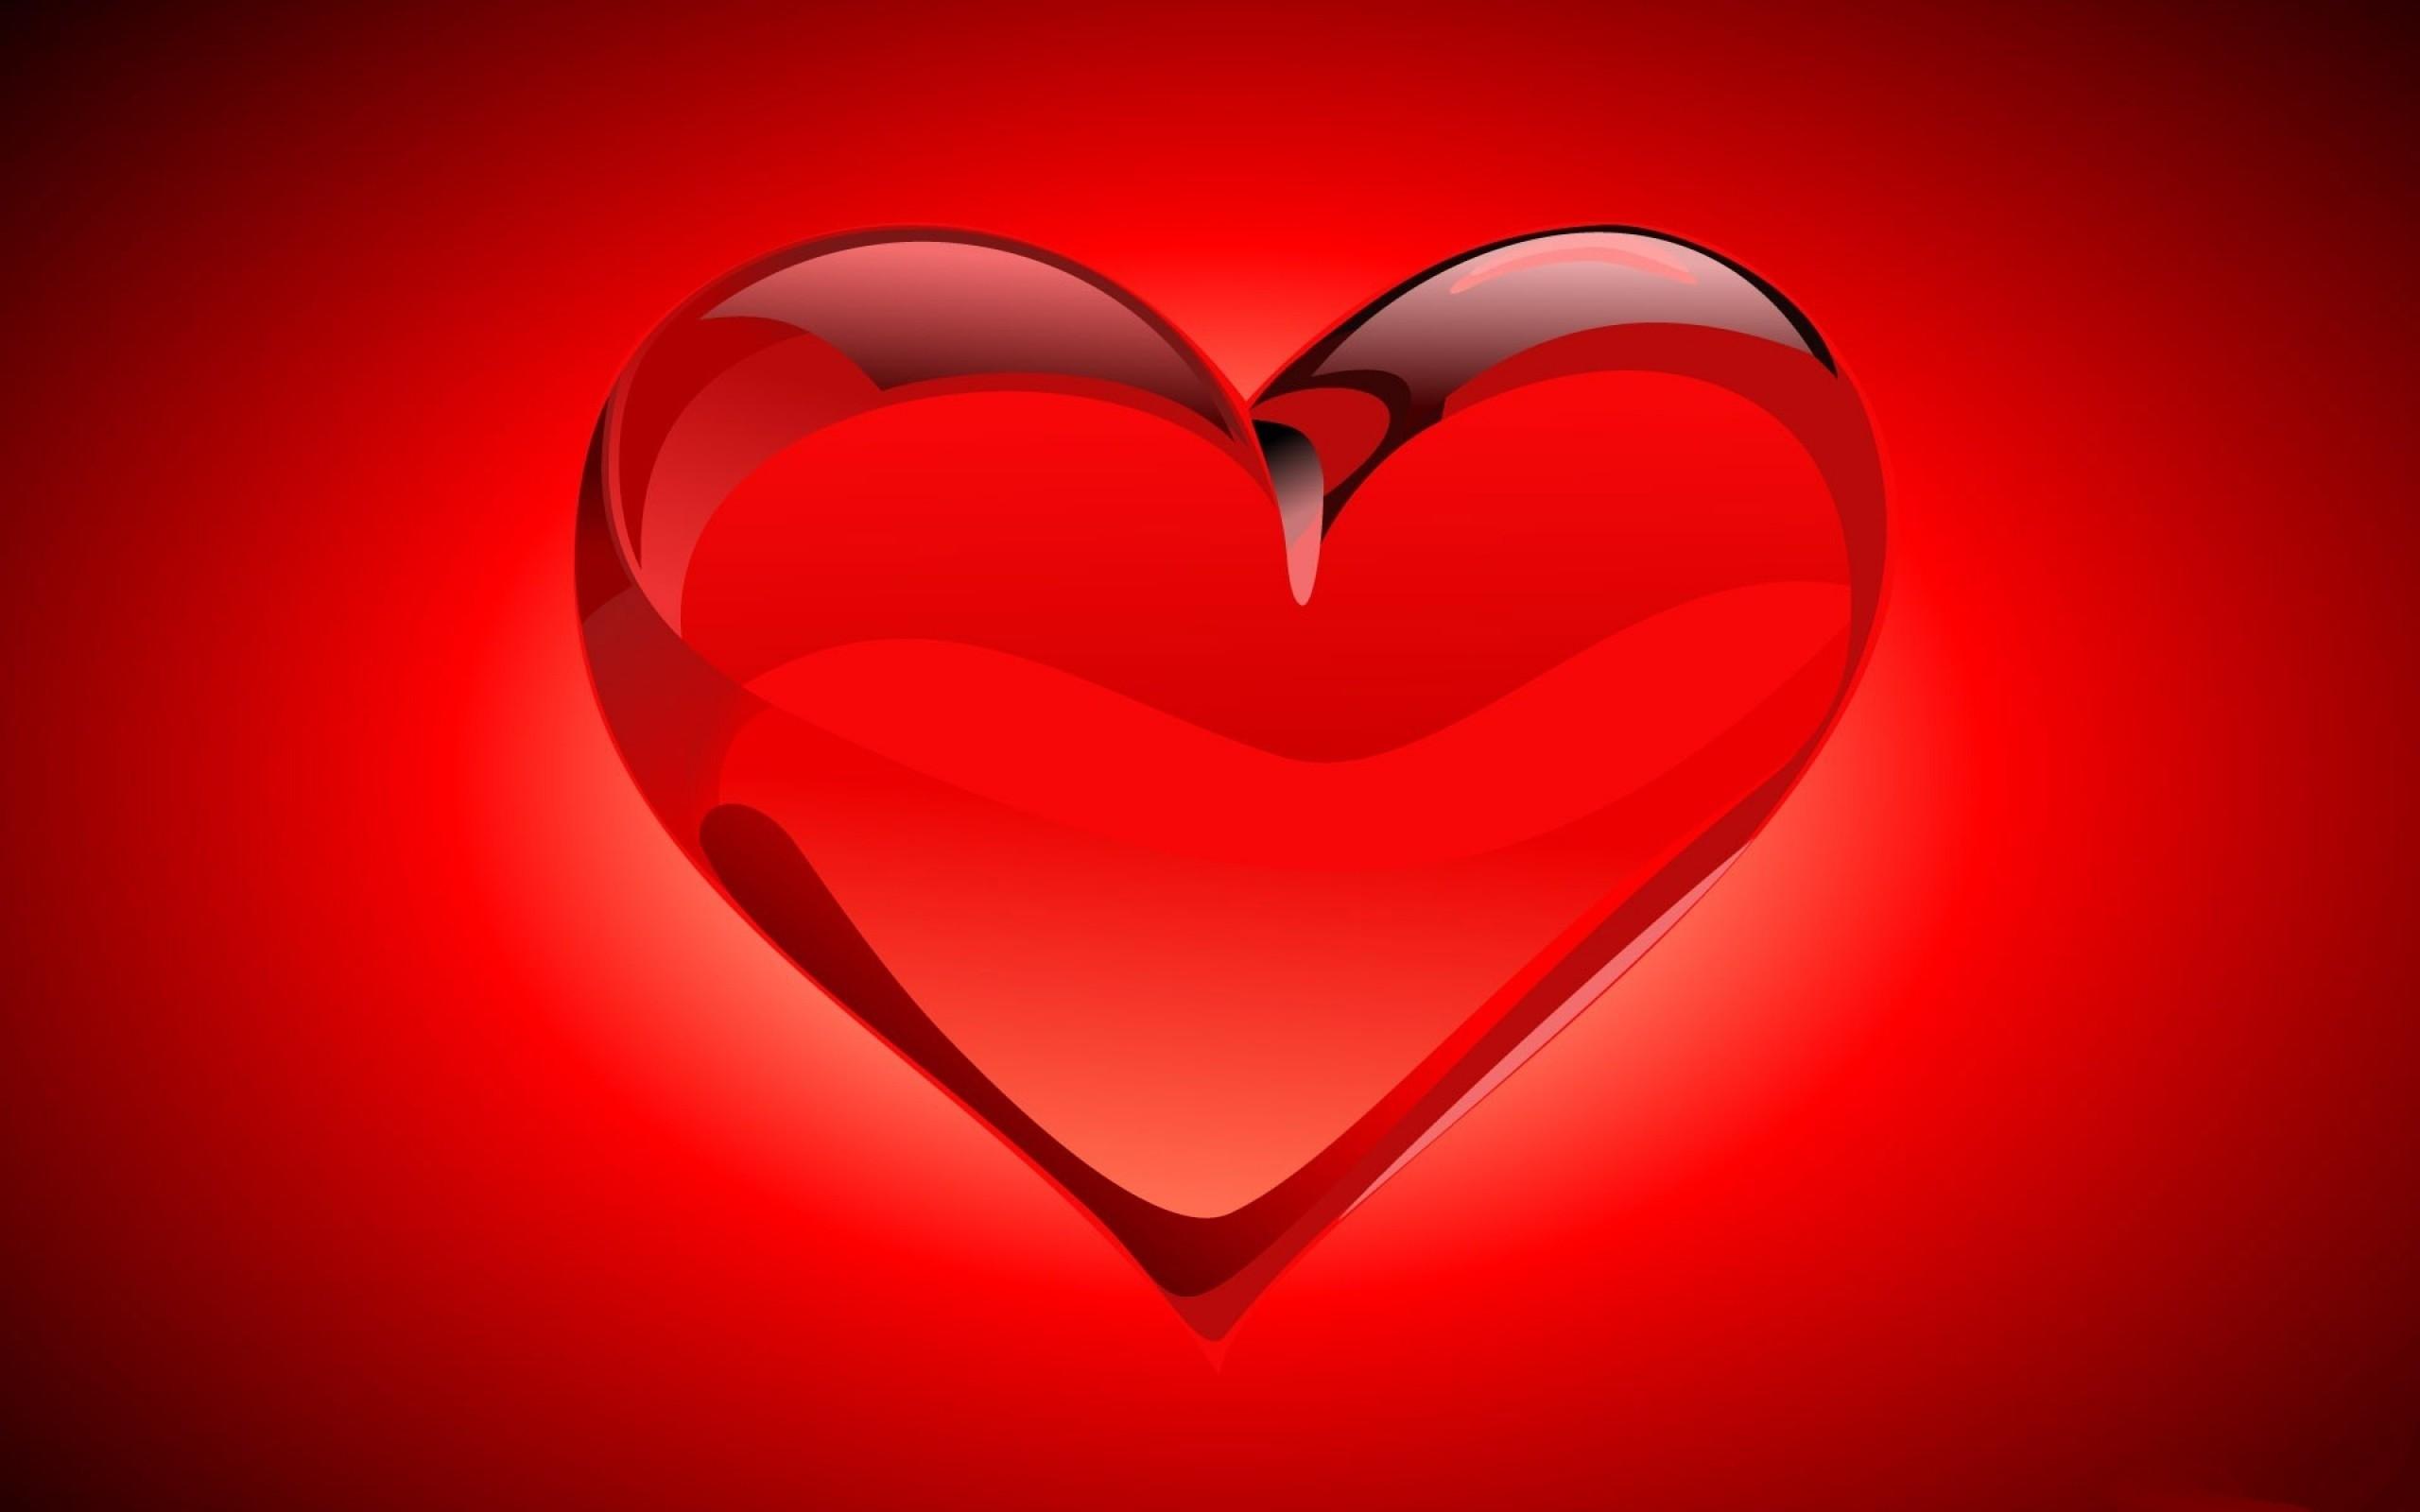 Wallpaper heart, red, bright, light